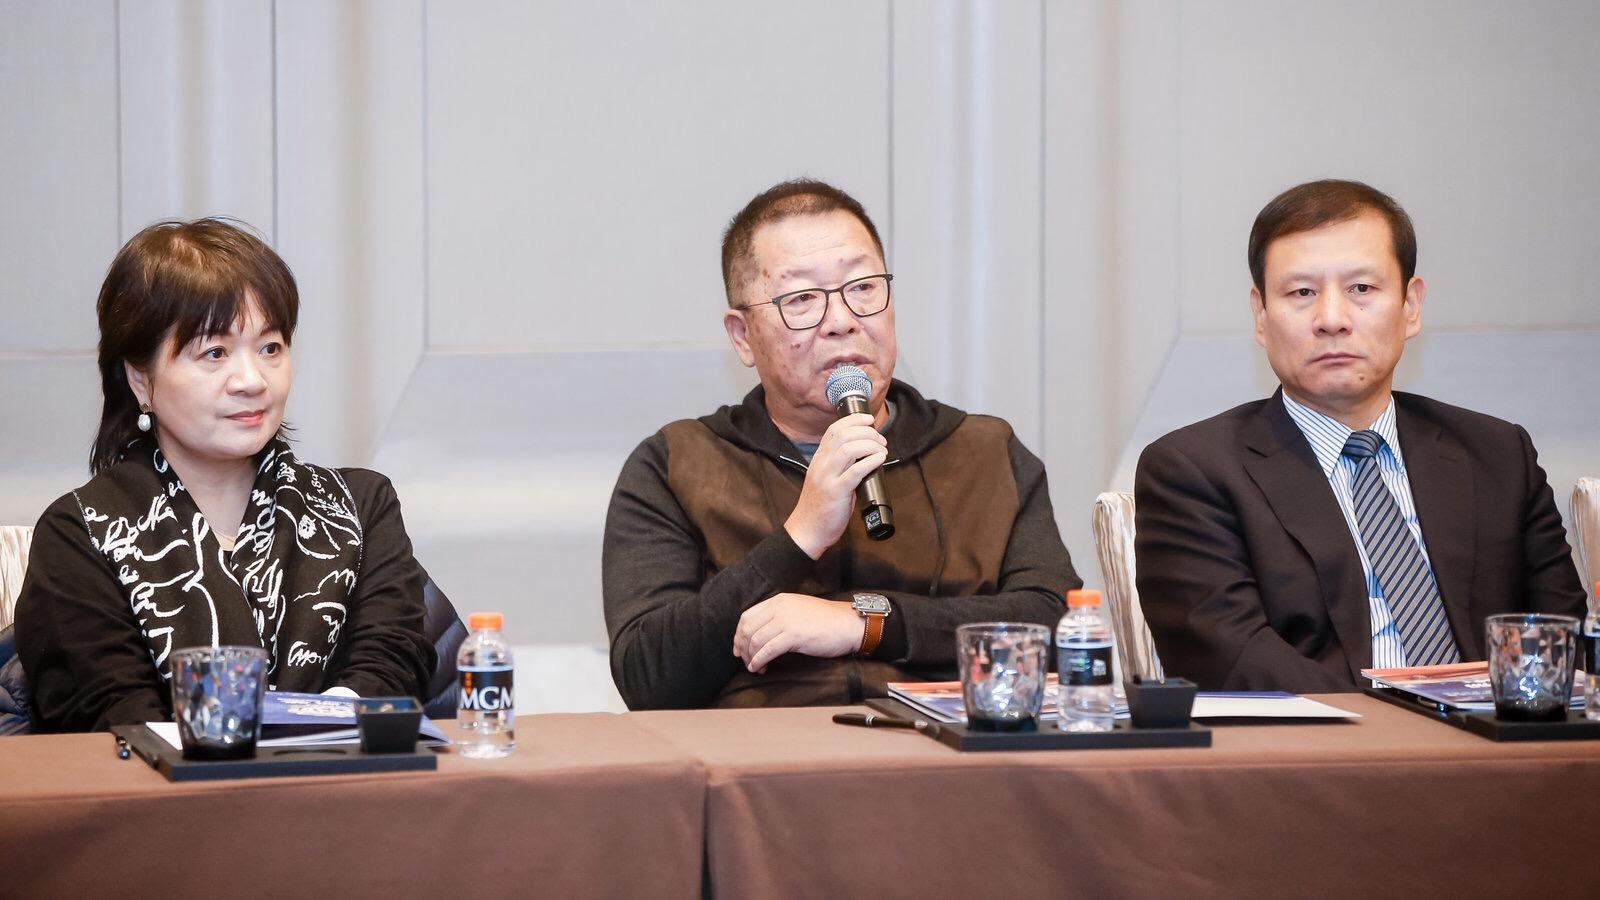 华鼎奖国际研讨会举行 斯琴高娃说:娱乐不是玩耍